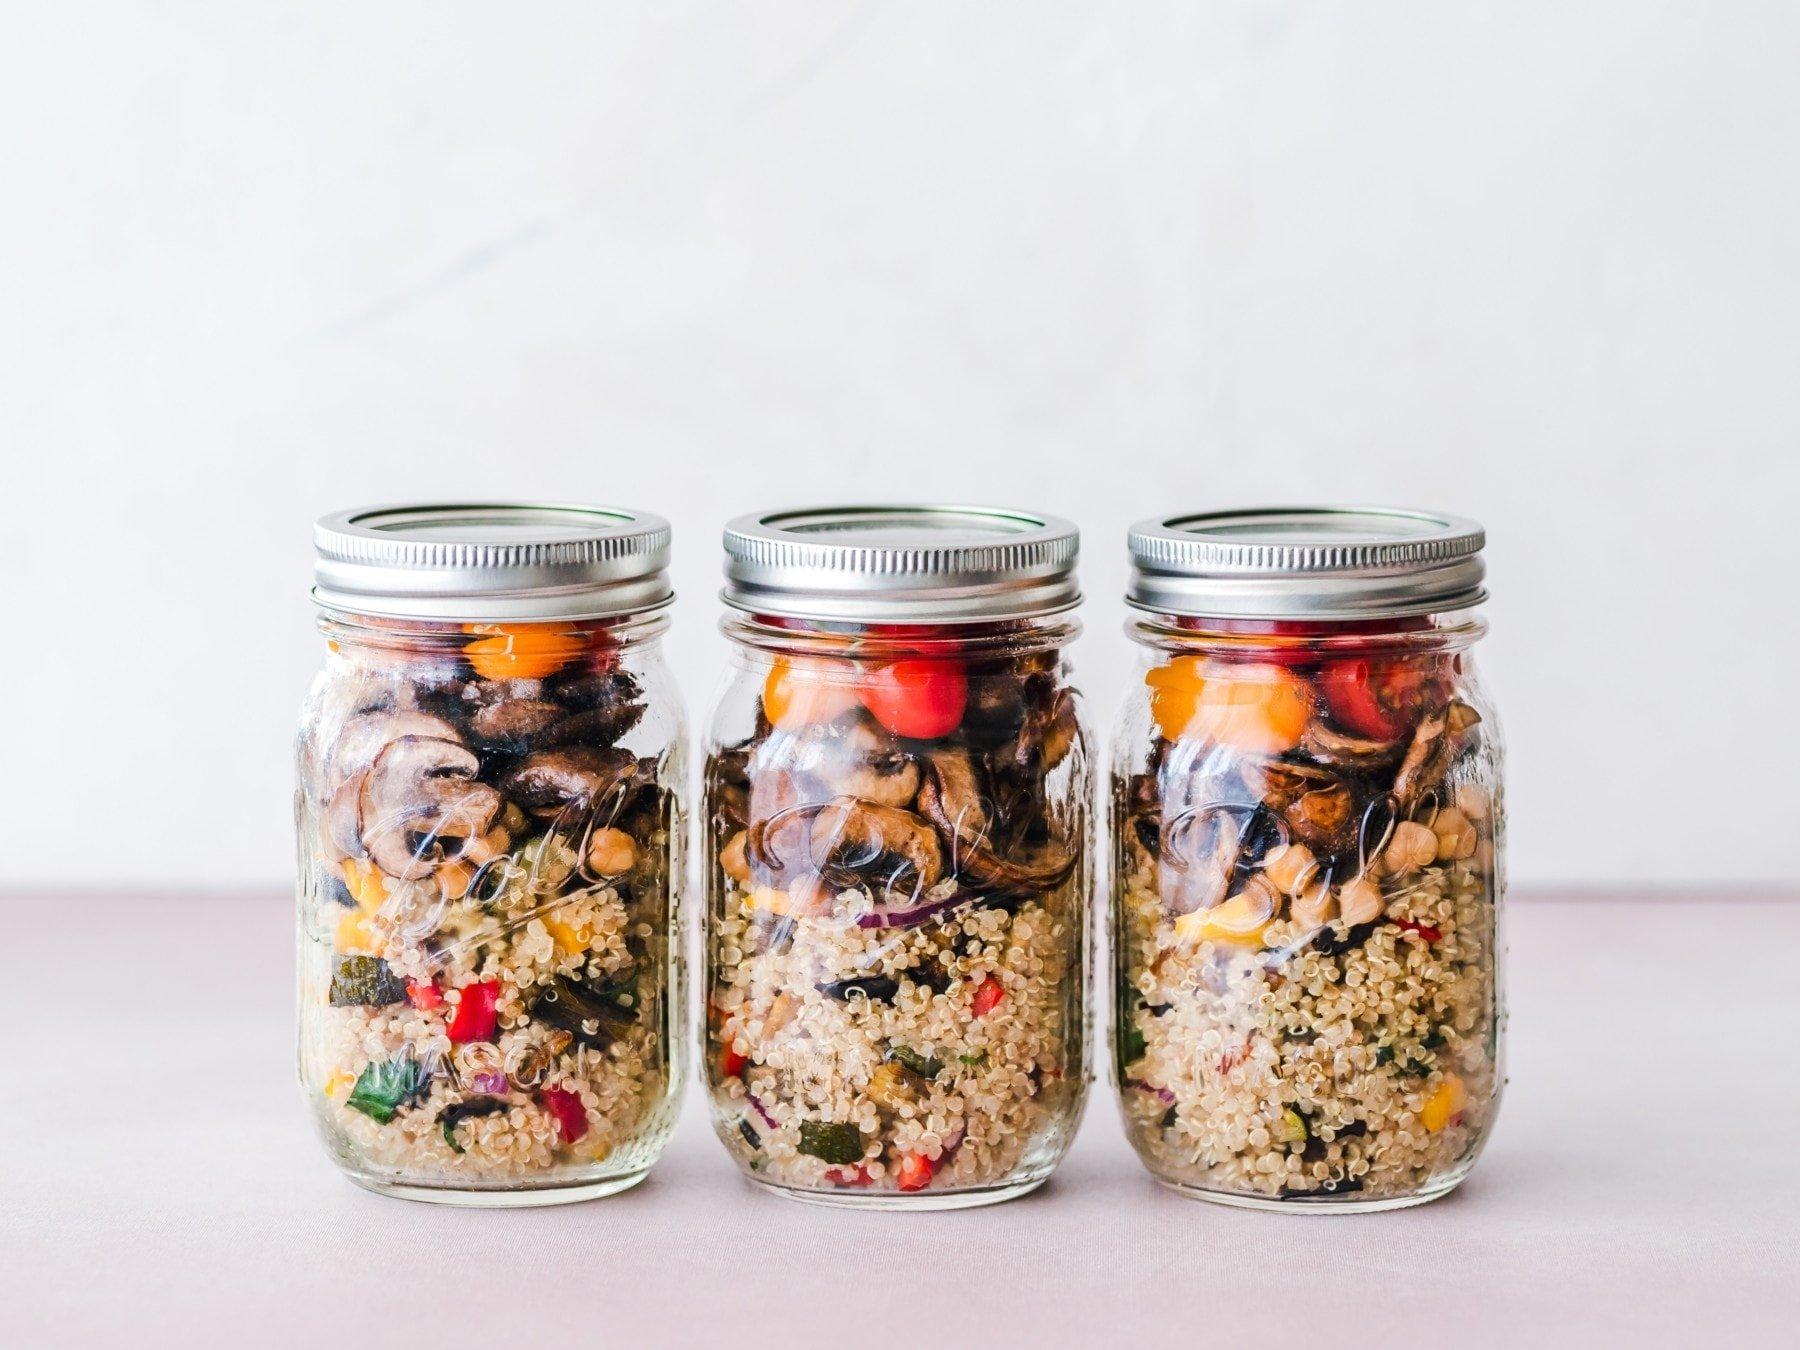 health food in jar